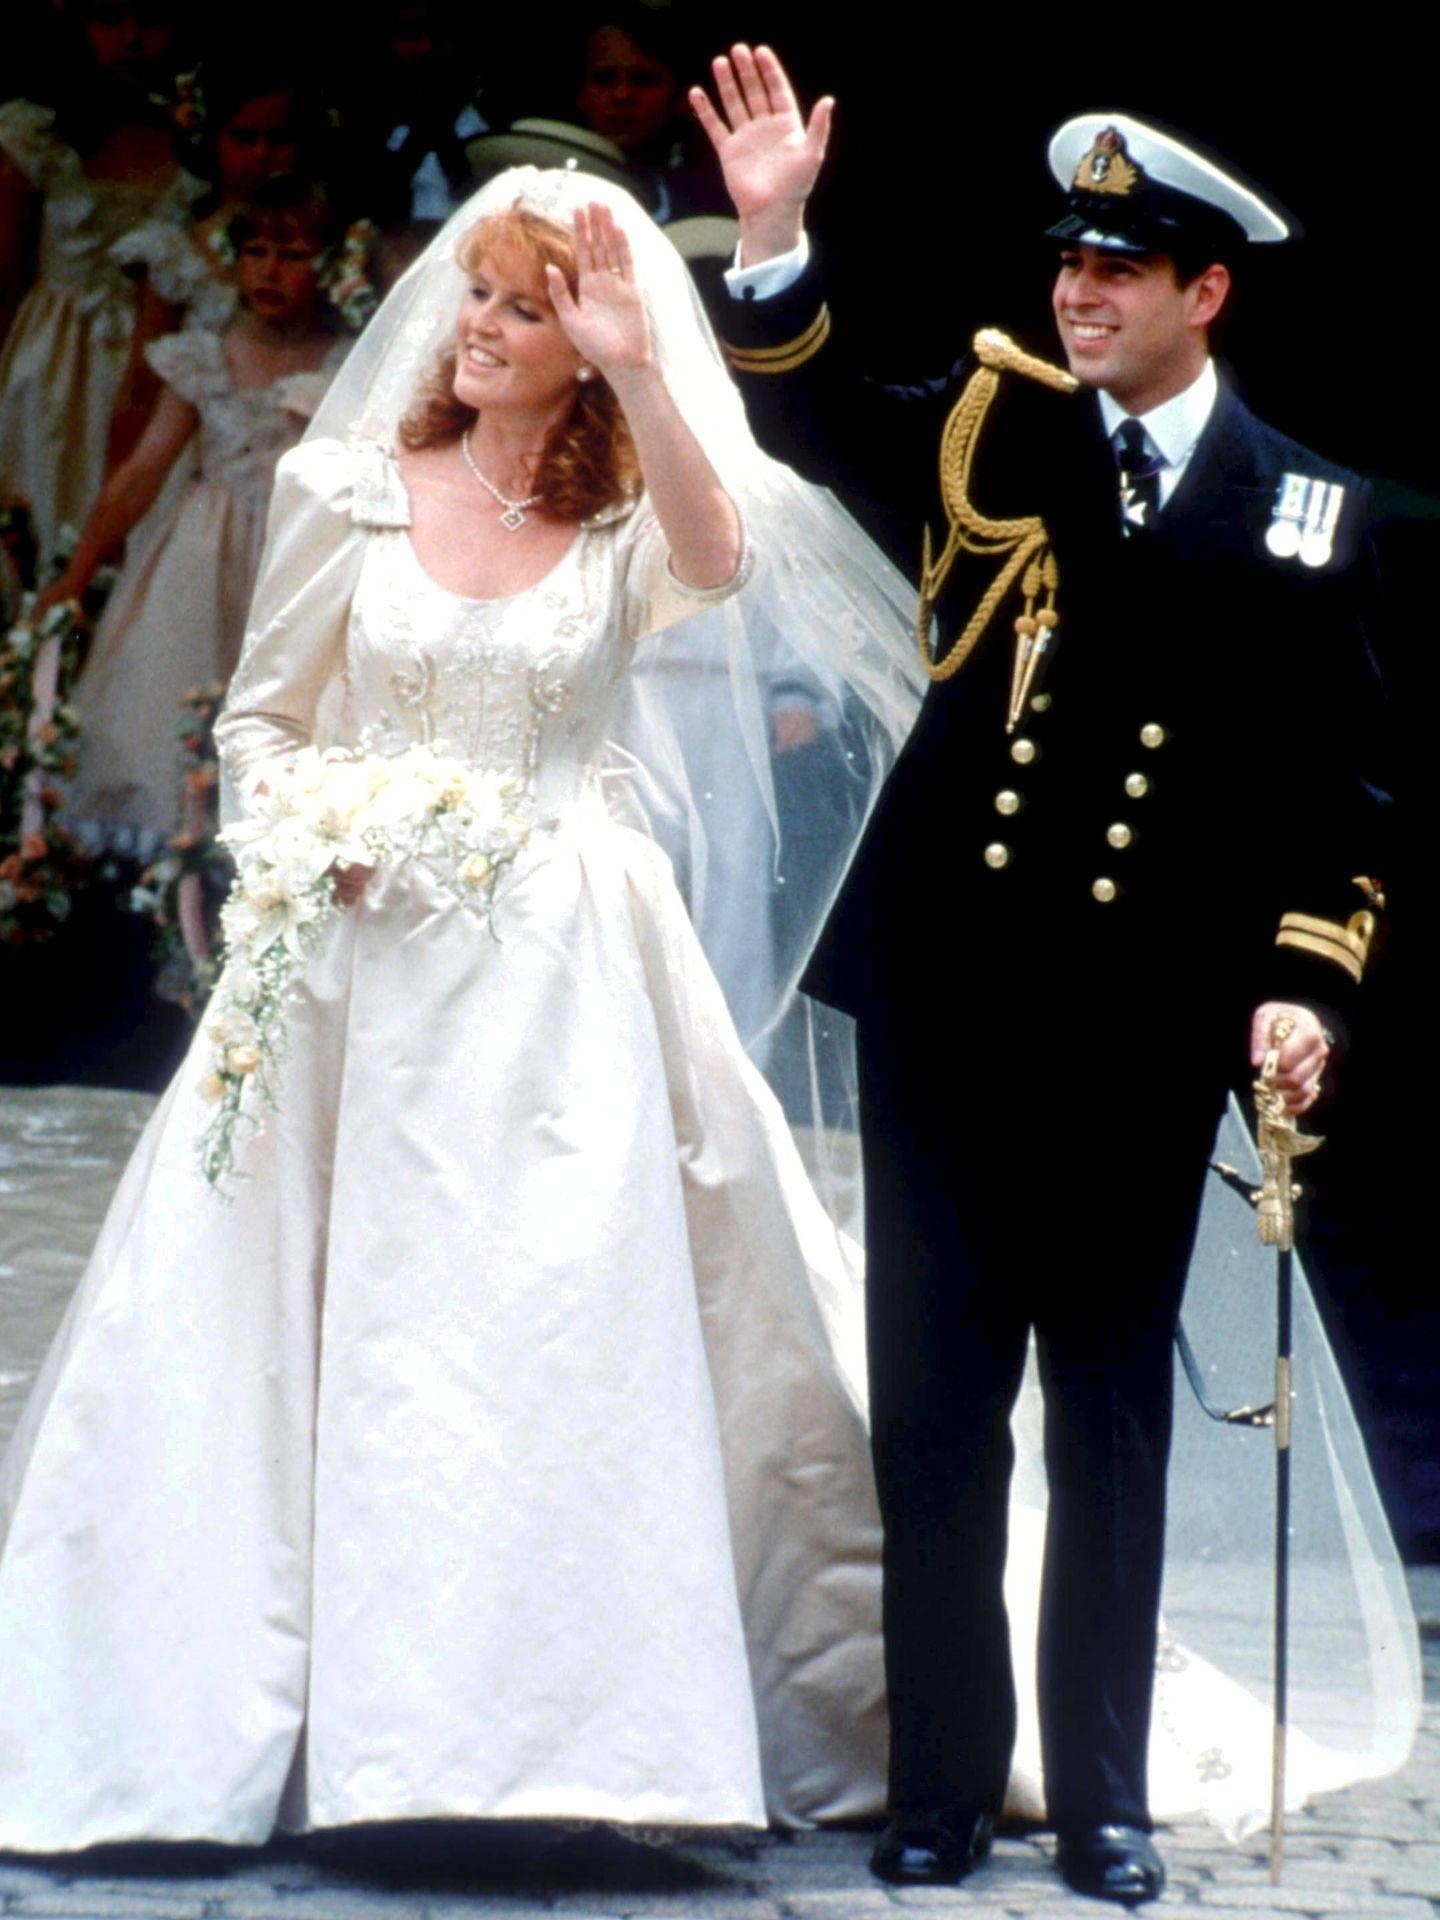 La boda de Sarah Ferguson y el príncipe Andrés. (Cordon Press)